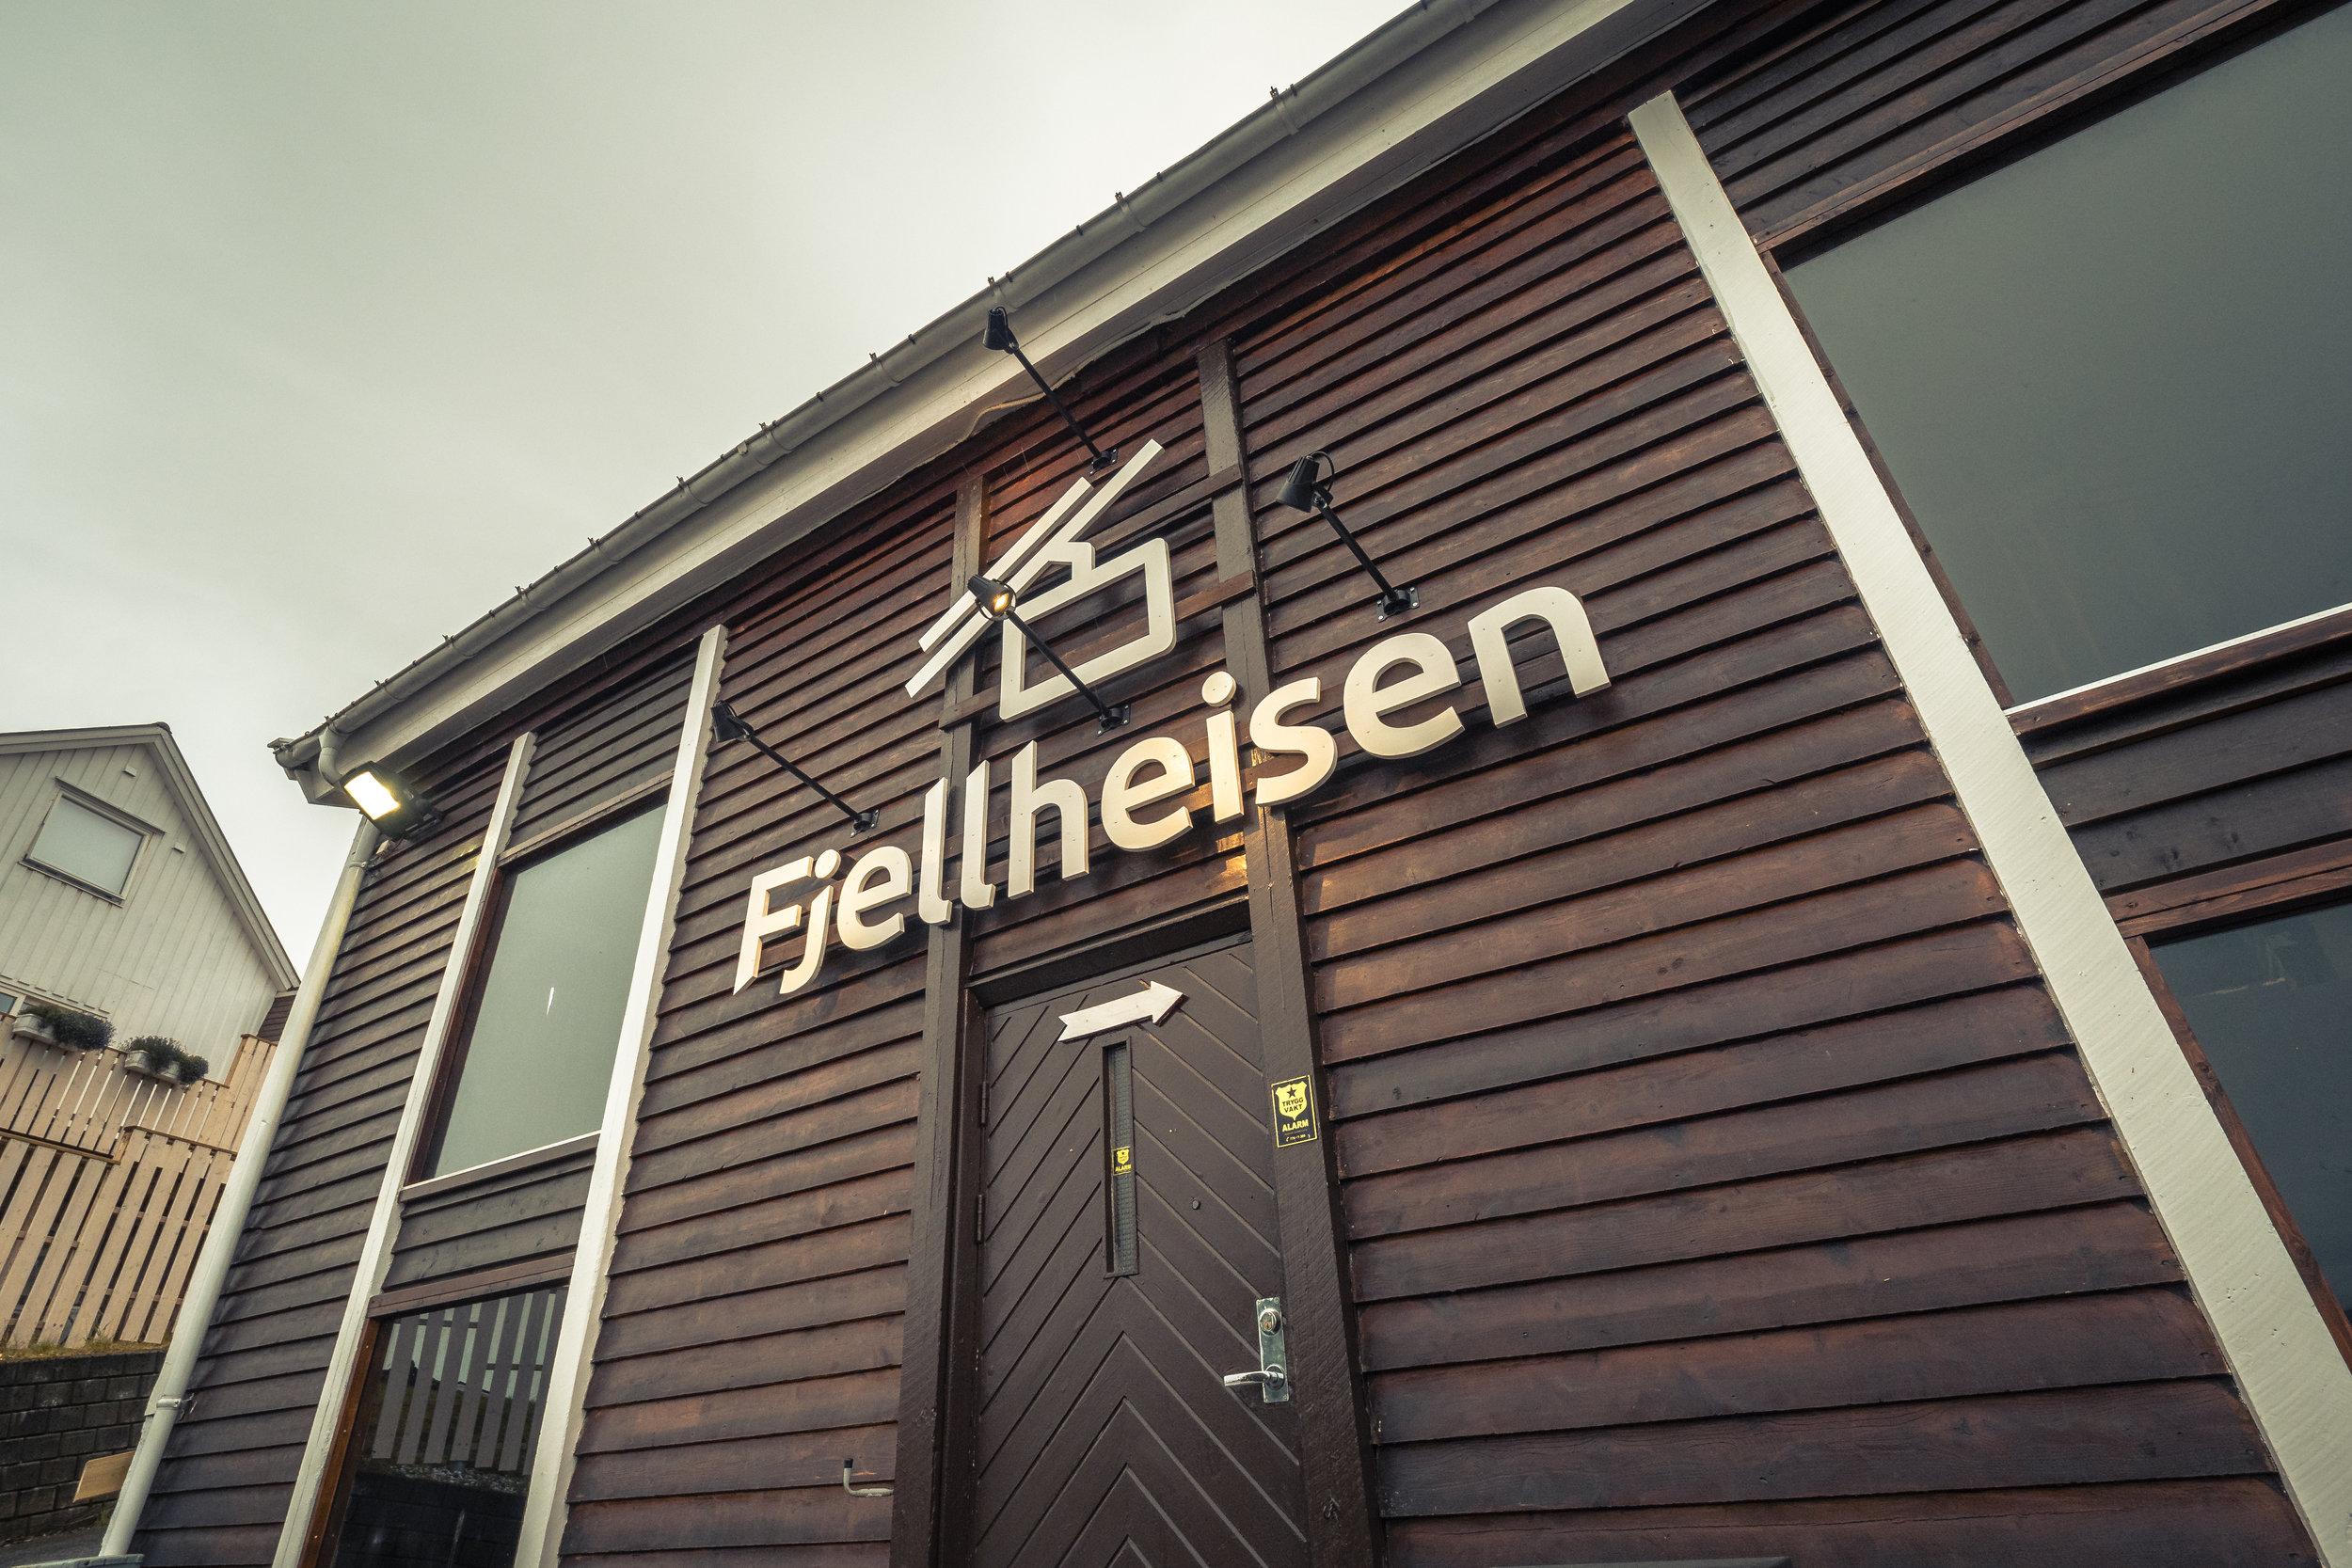 FJELLTURtil Storsteinen - Ta beina fatt, eller ta Fjellheisen opp til Storsteinen, 421 meter over havet, og få en nydelig panoramautsikt over hele Tromsø. En representant fra Kamille Weekend vil være guide.Merket sti: ca 1 times gåturFjellheisen: 4 min hver vei Gruppepris: Kr 190 t/r pp